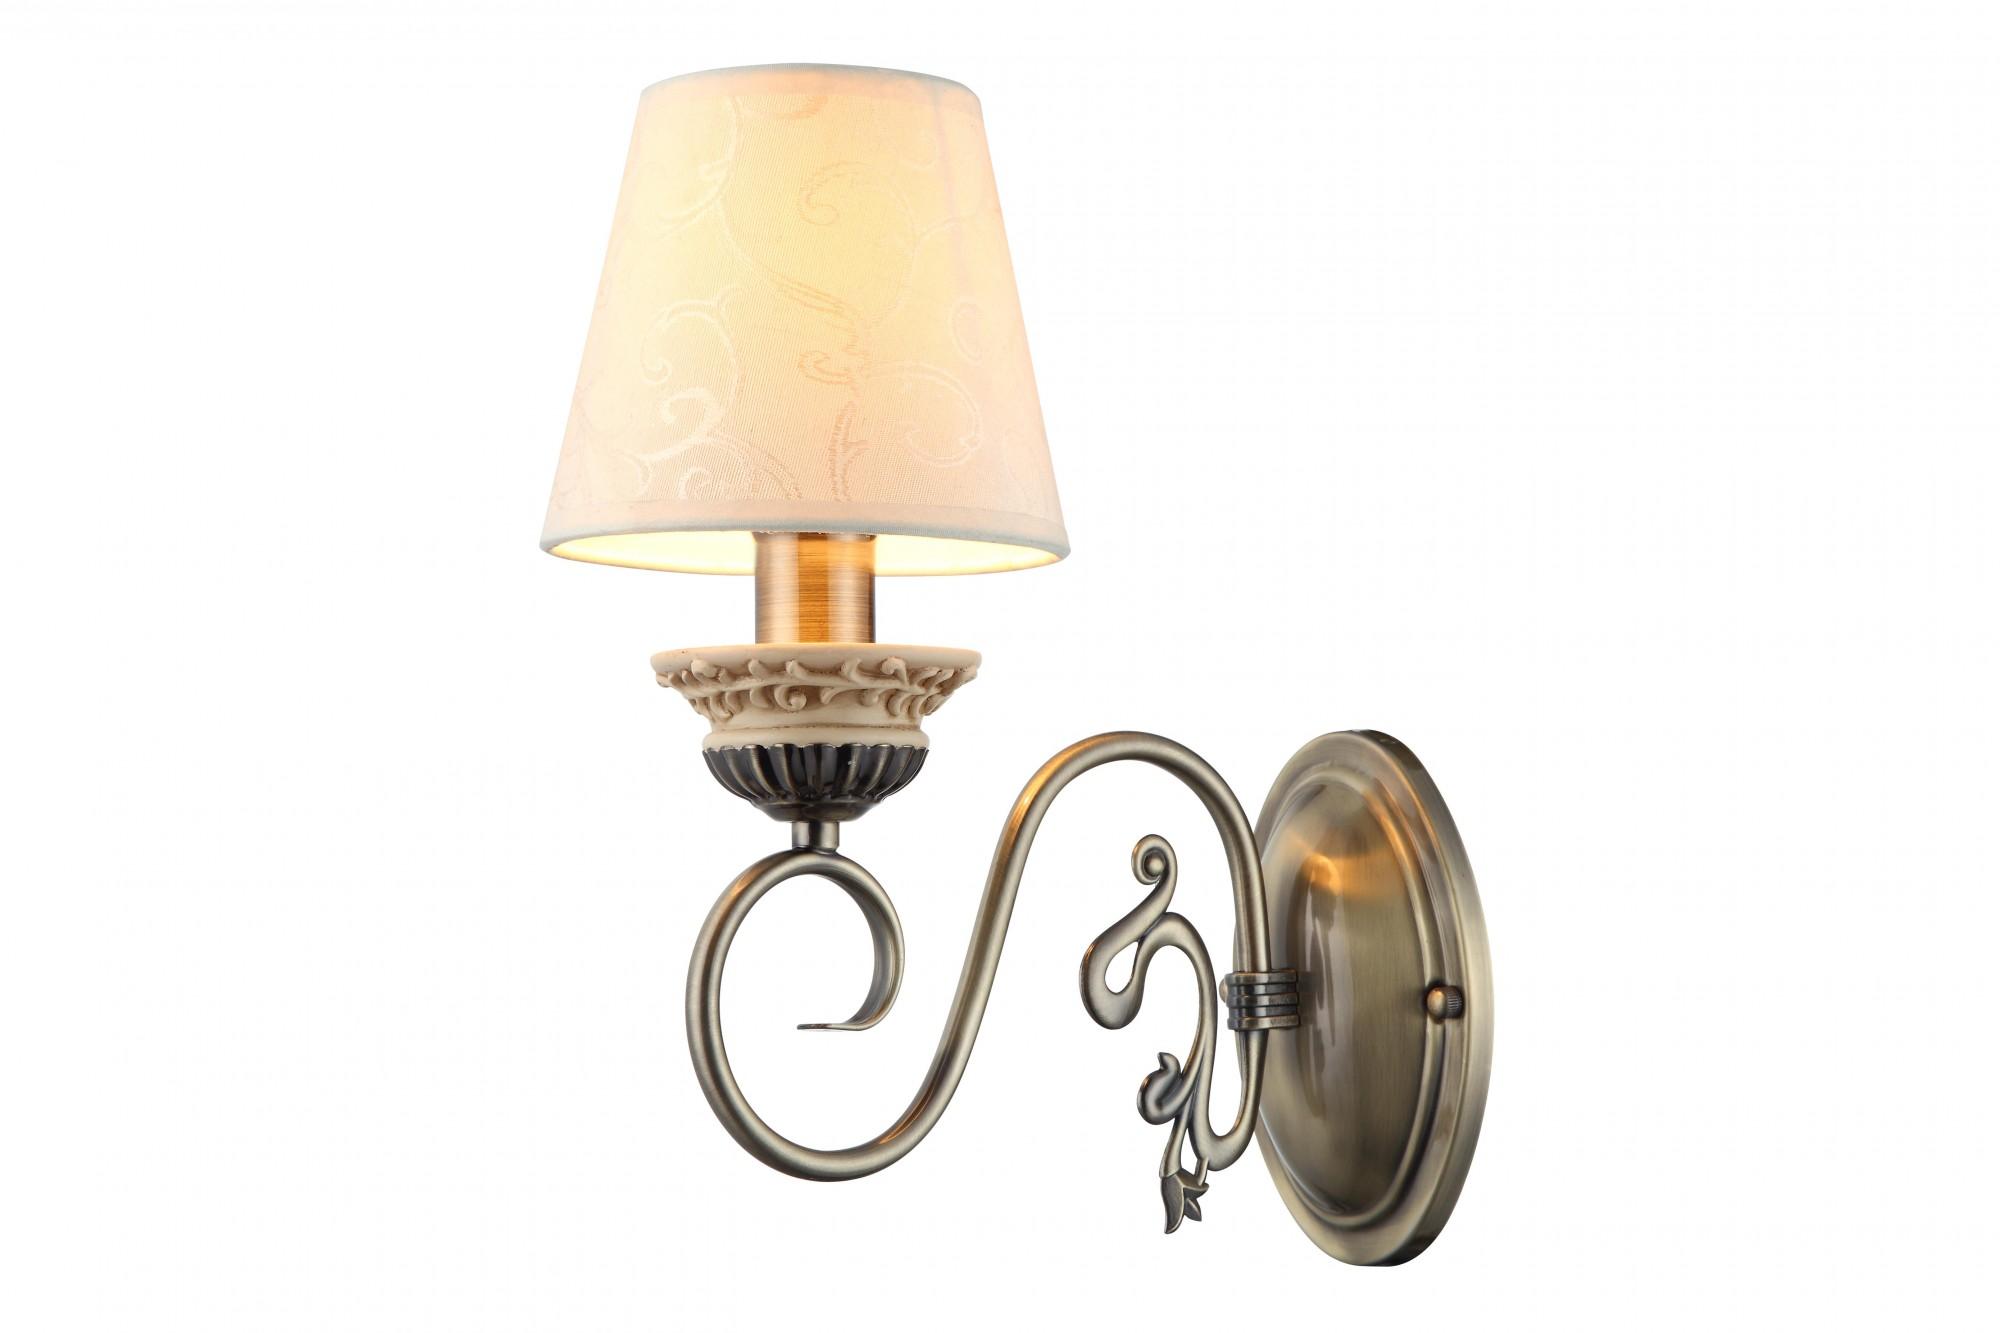 Фото товара A9070AP-1AB Arte Lamp